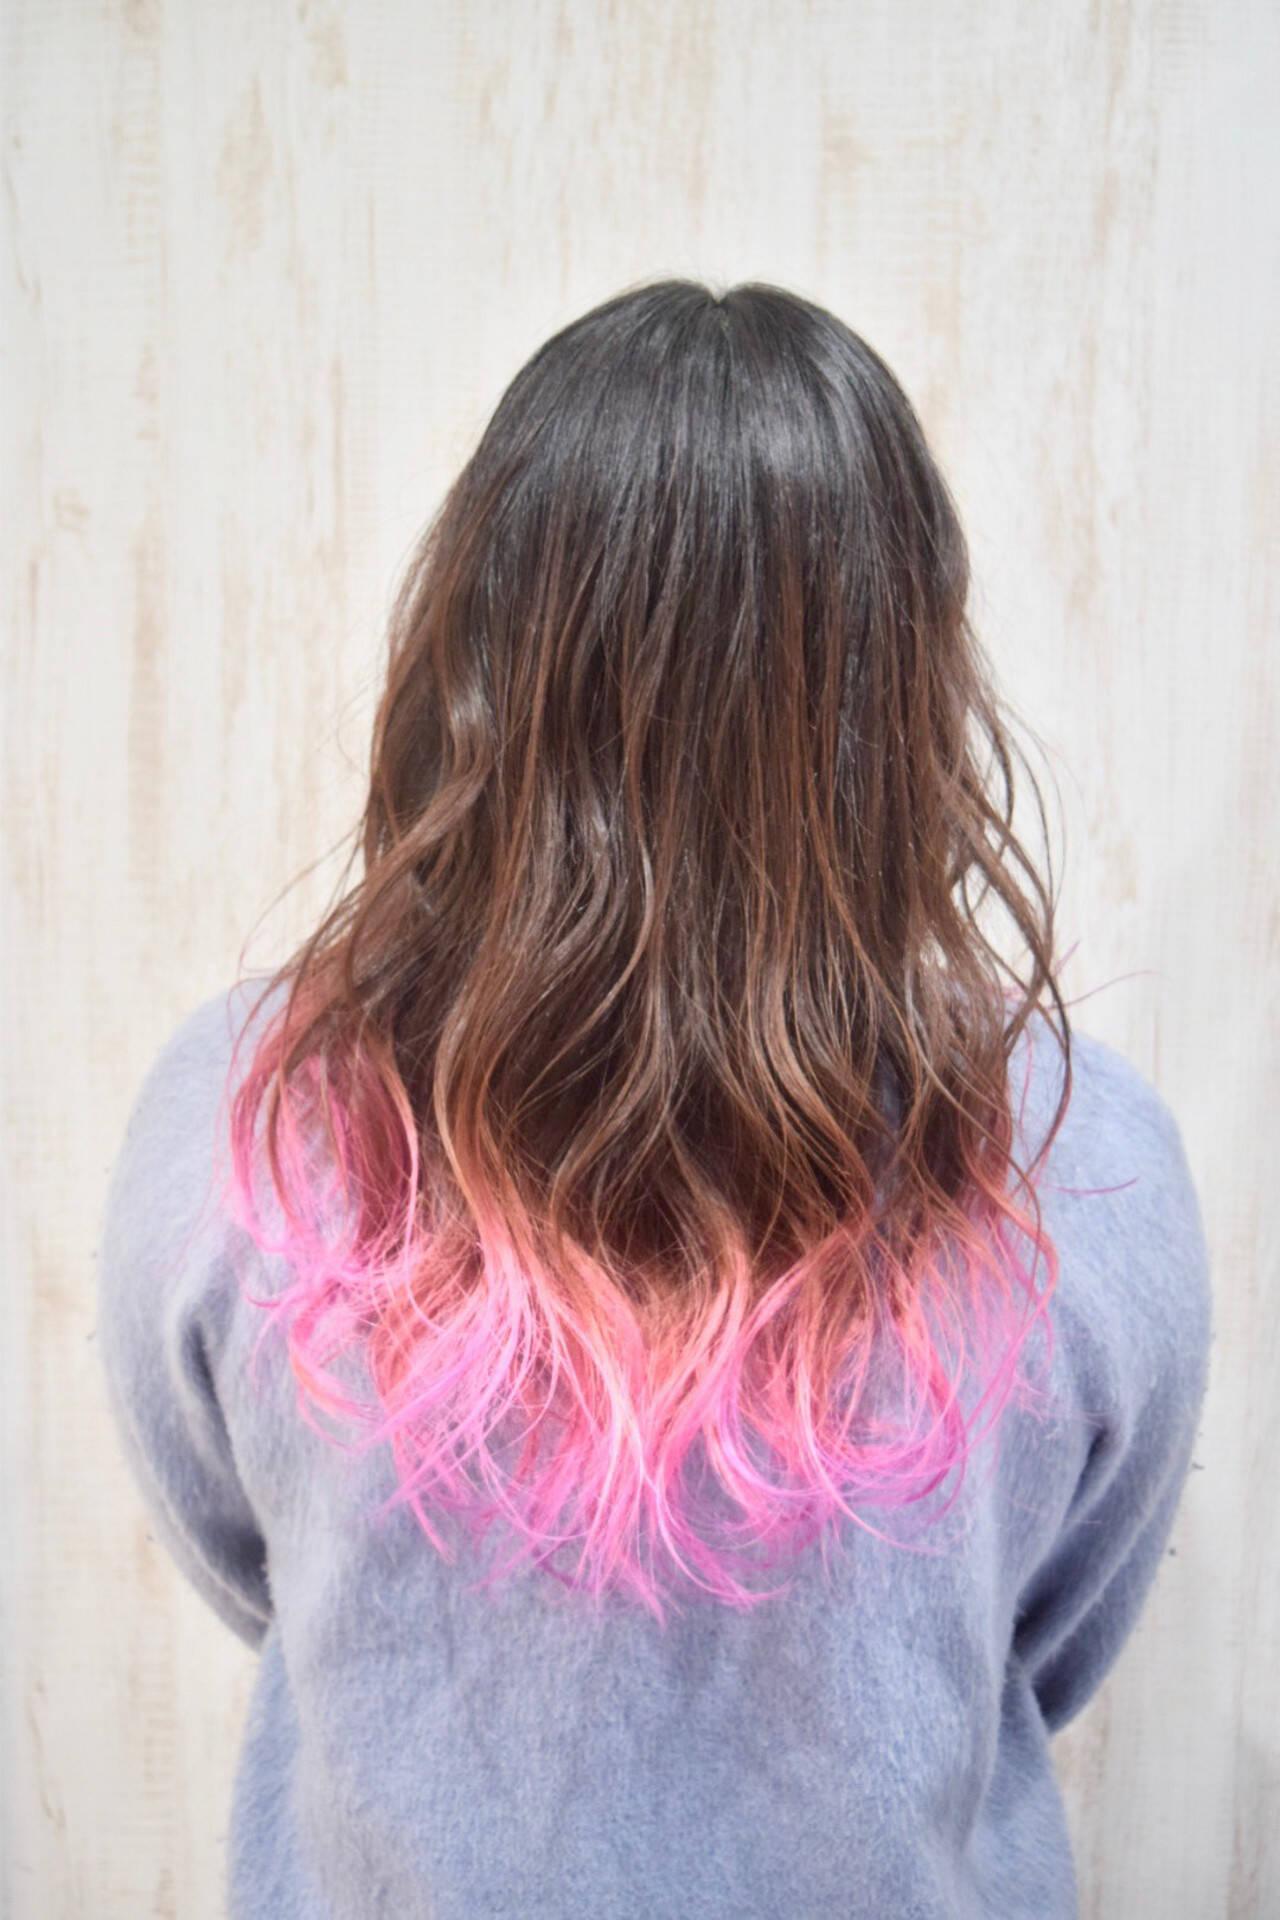 ユニコーンカラー ロング ピンク フェミニンヘアスタイルや髪型の写真・画像